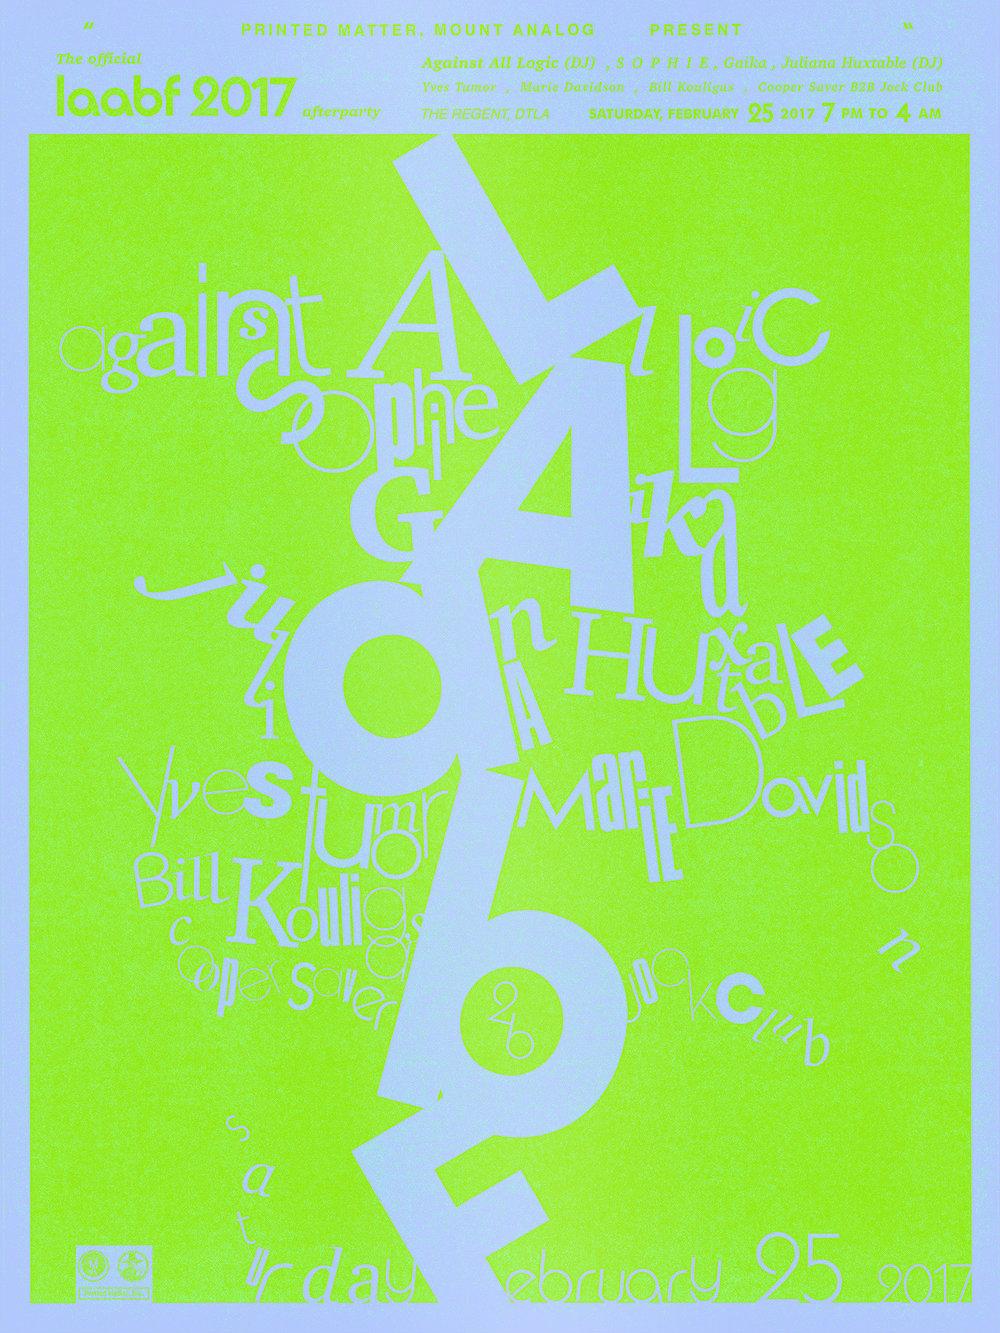 LAABF-v5-poster-color-variation-7-web_1500.jpg